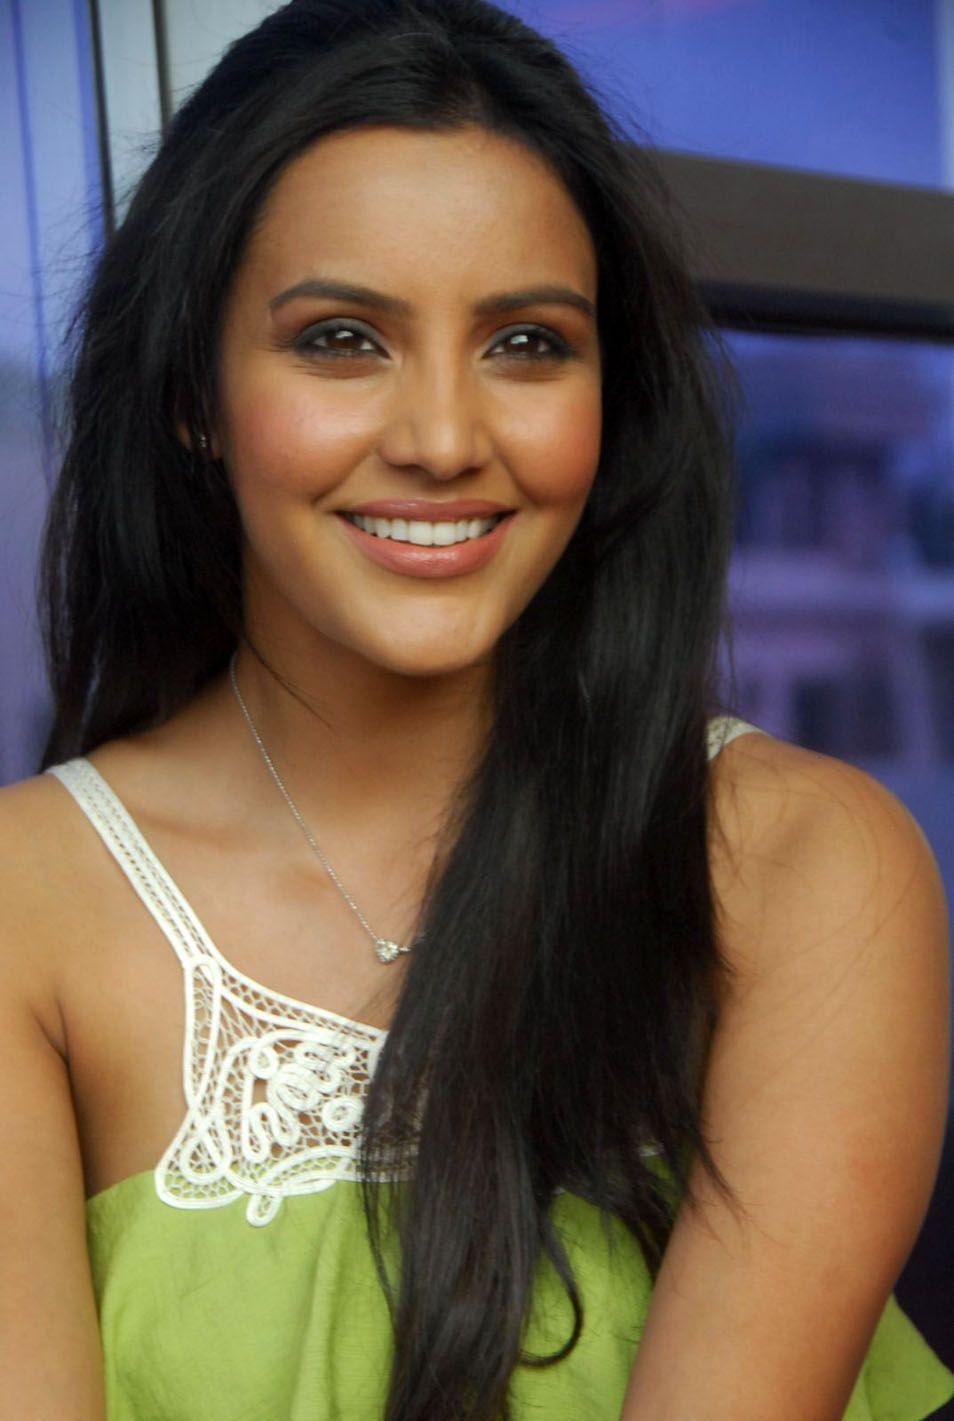 http://4.bp.blogspot.com/-LqG33i2kpCc/ThAOY6HljoI/AAAAAAAAbuI/6T8xiPk1ATs/s1600/telugu+actress+priya+anand+1.jpg